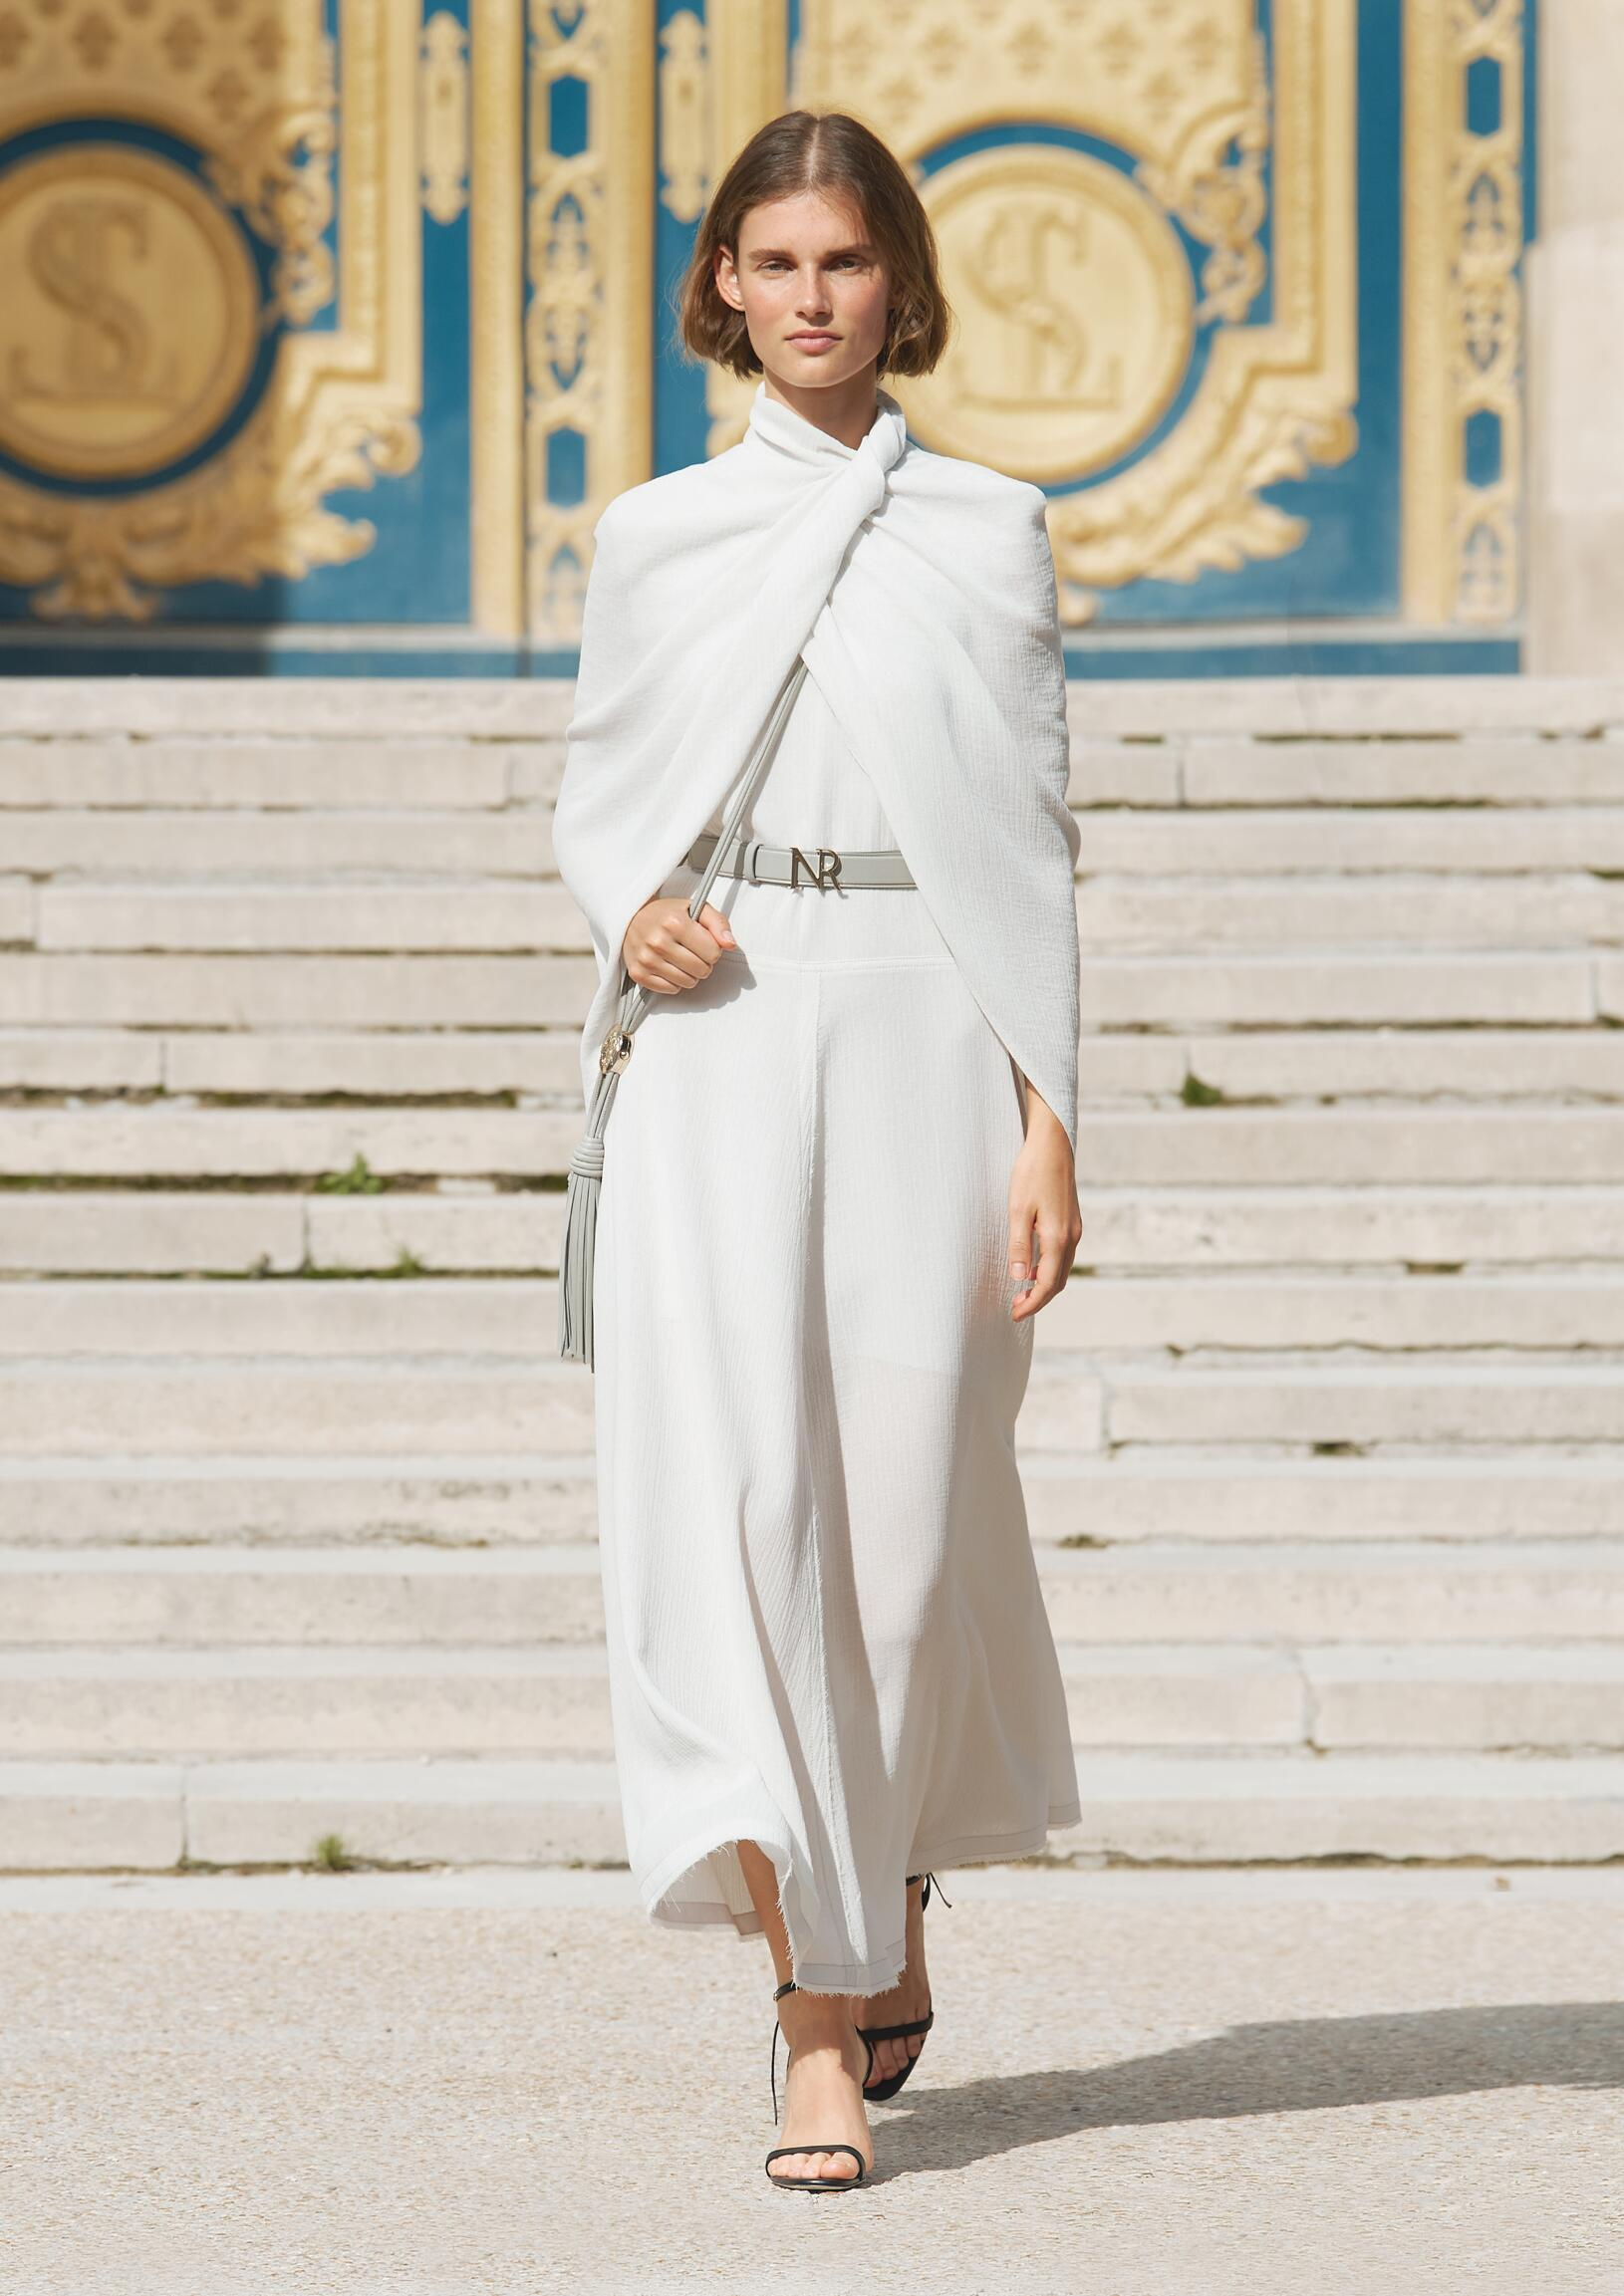 Nina Ricci Summer 2018 Catwalk